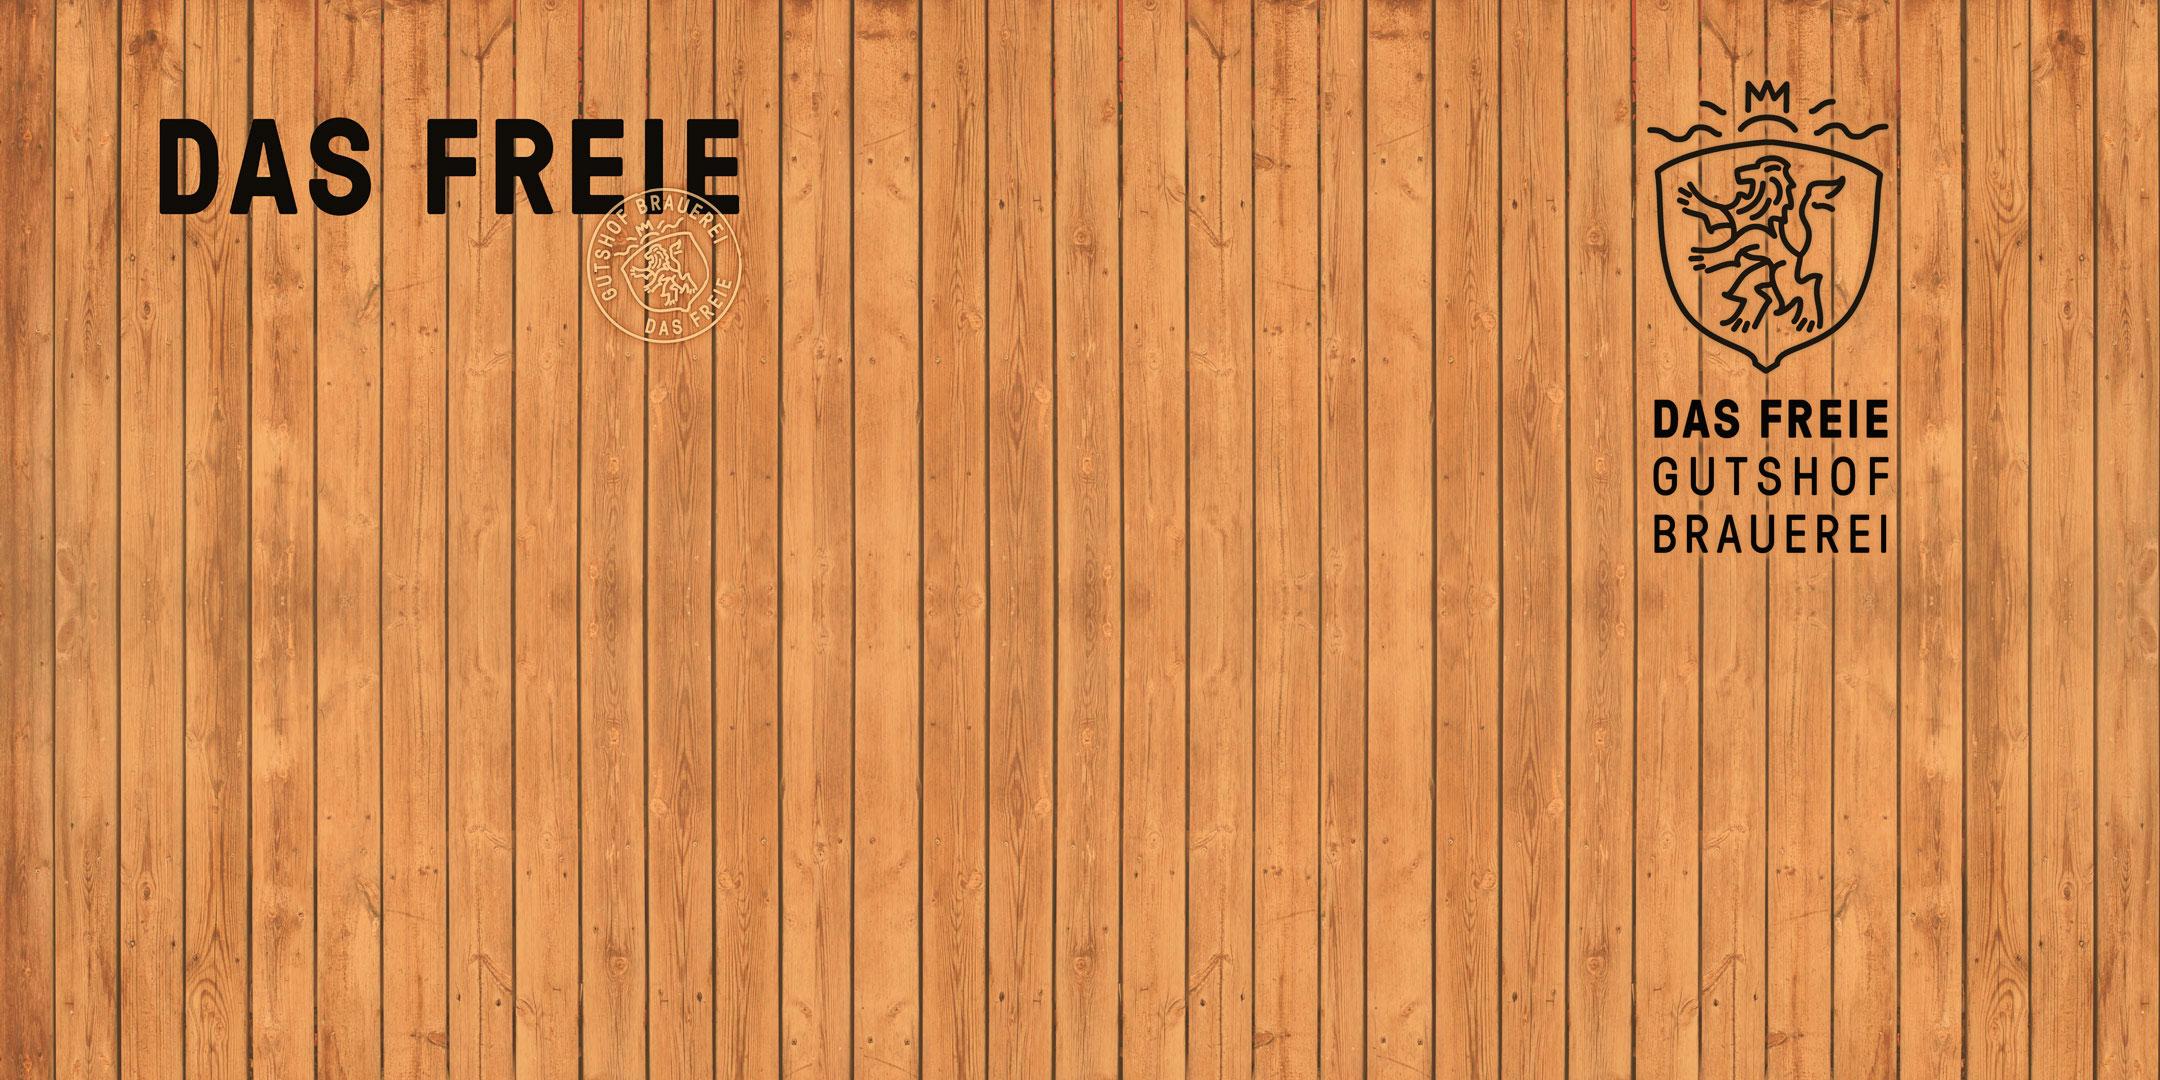 Background_Das-Freie-Beershop3